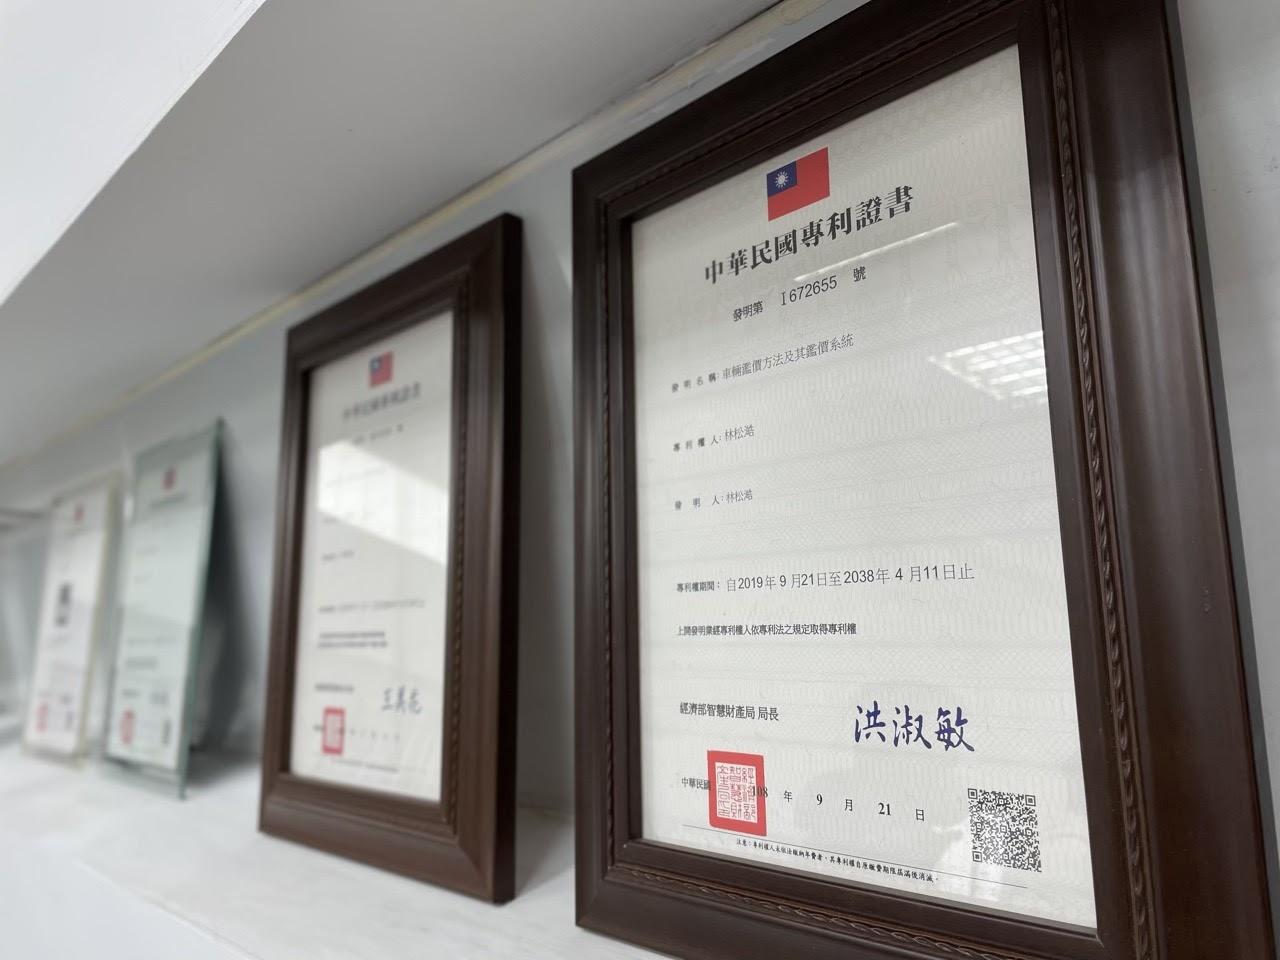 [台南][安定區]BEST國家專利品管中古車-九州欣旺汽車|台南二手車行推薦|中古車專業認證